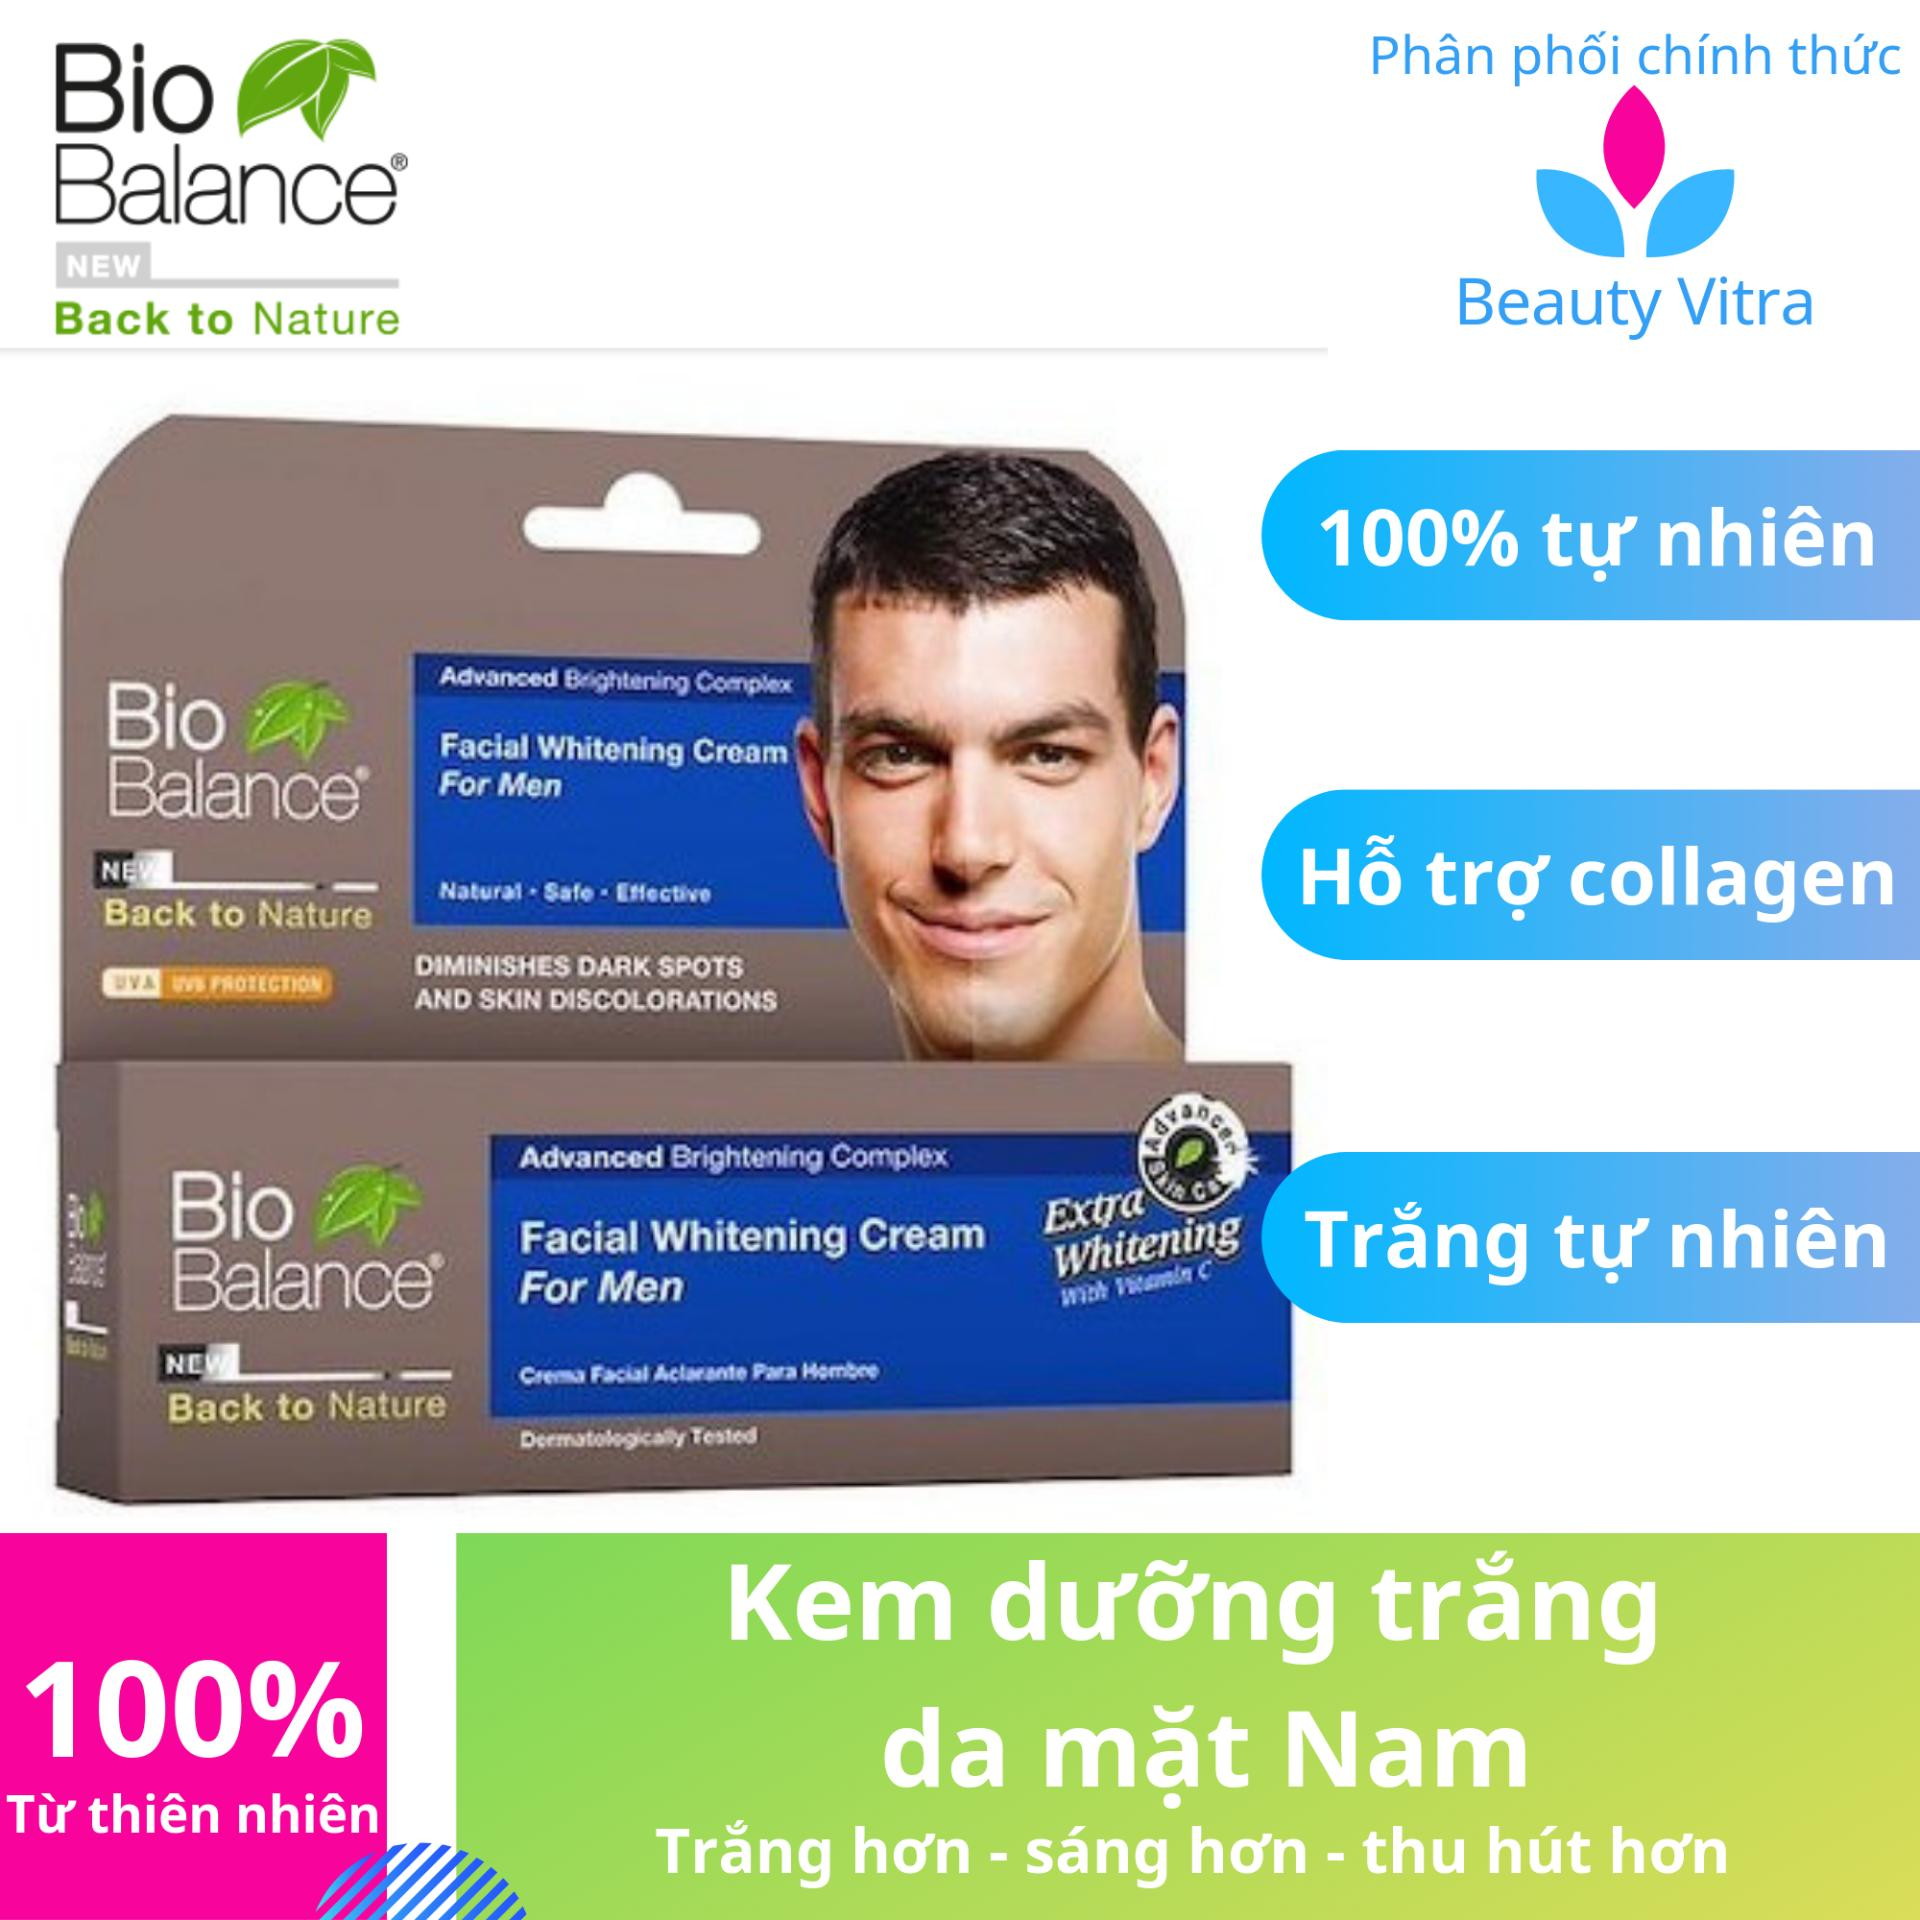 Kem dưỡng trắng da mặt Nam - Biobalance, Mỹ phẩm dành cho nam giới, sáng da mặt, dưỡng da cho bạn gái thêm yêu tốt nhất